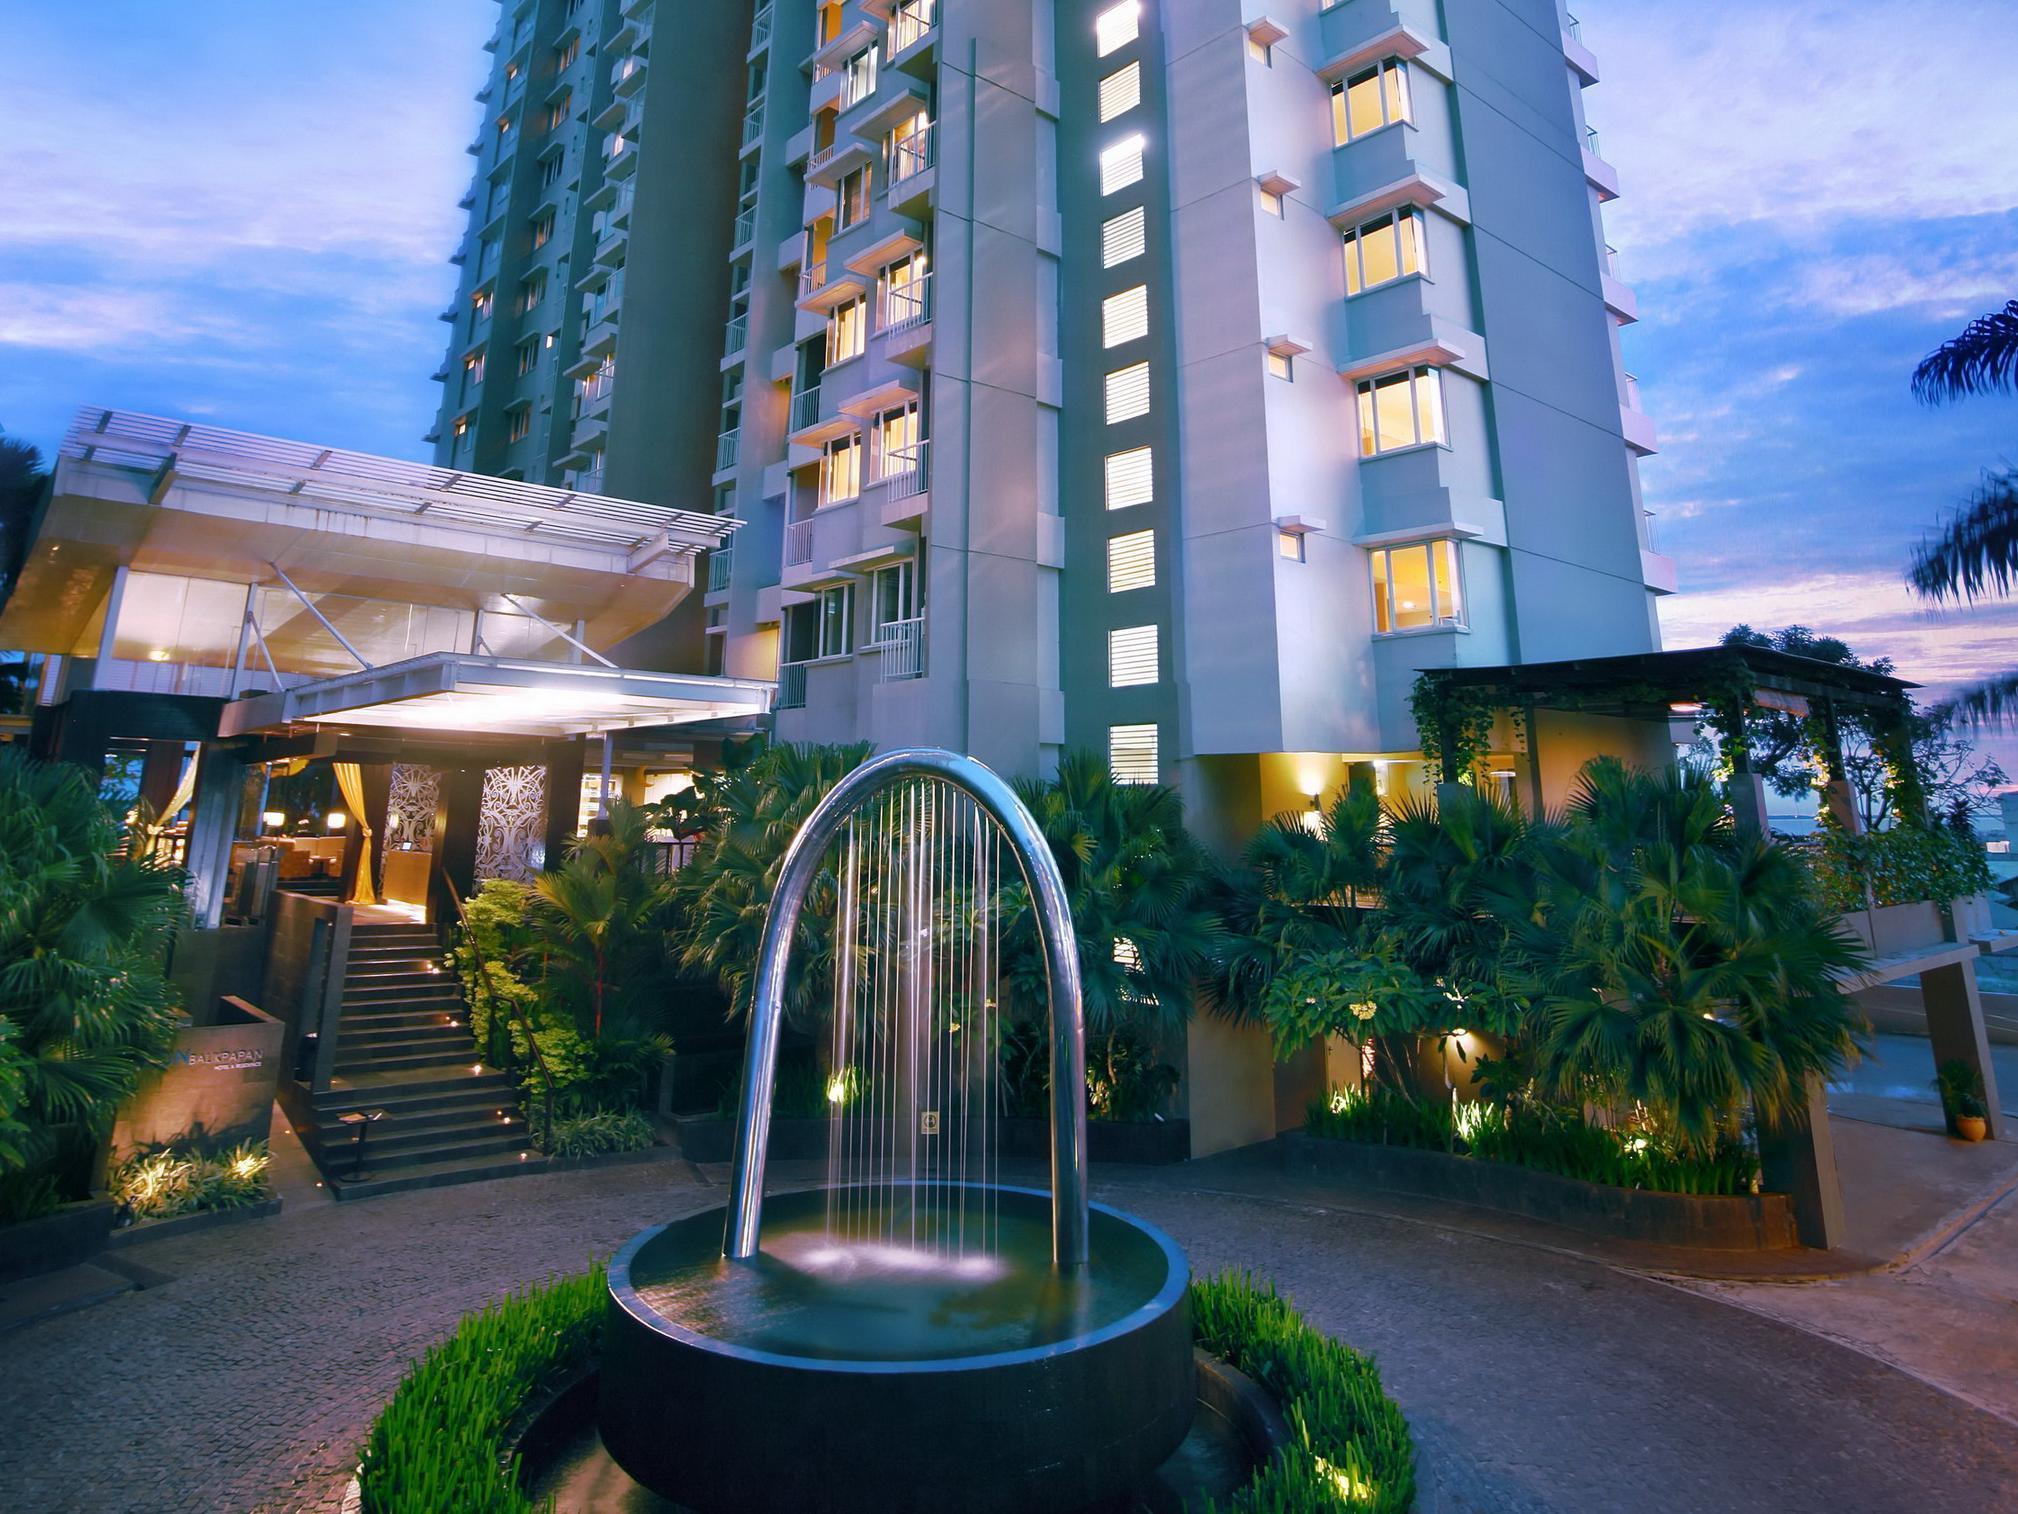 Aston Balikpapan Hotel & Residence Balikpapan